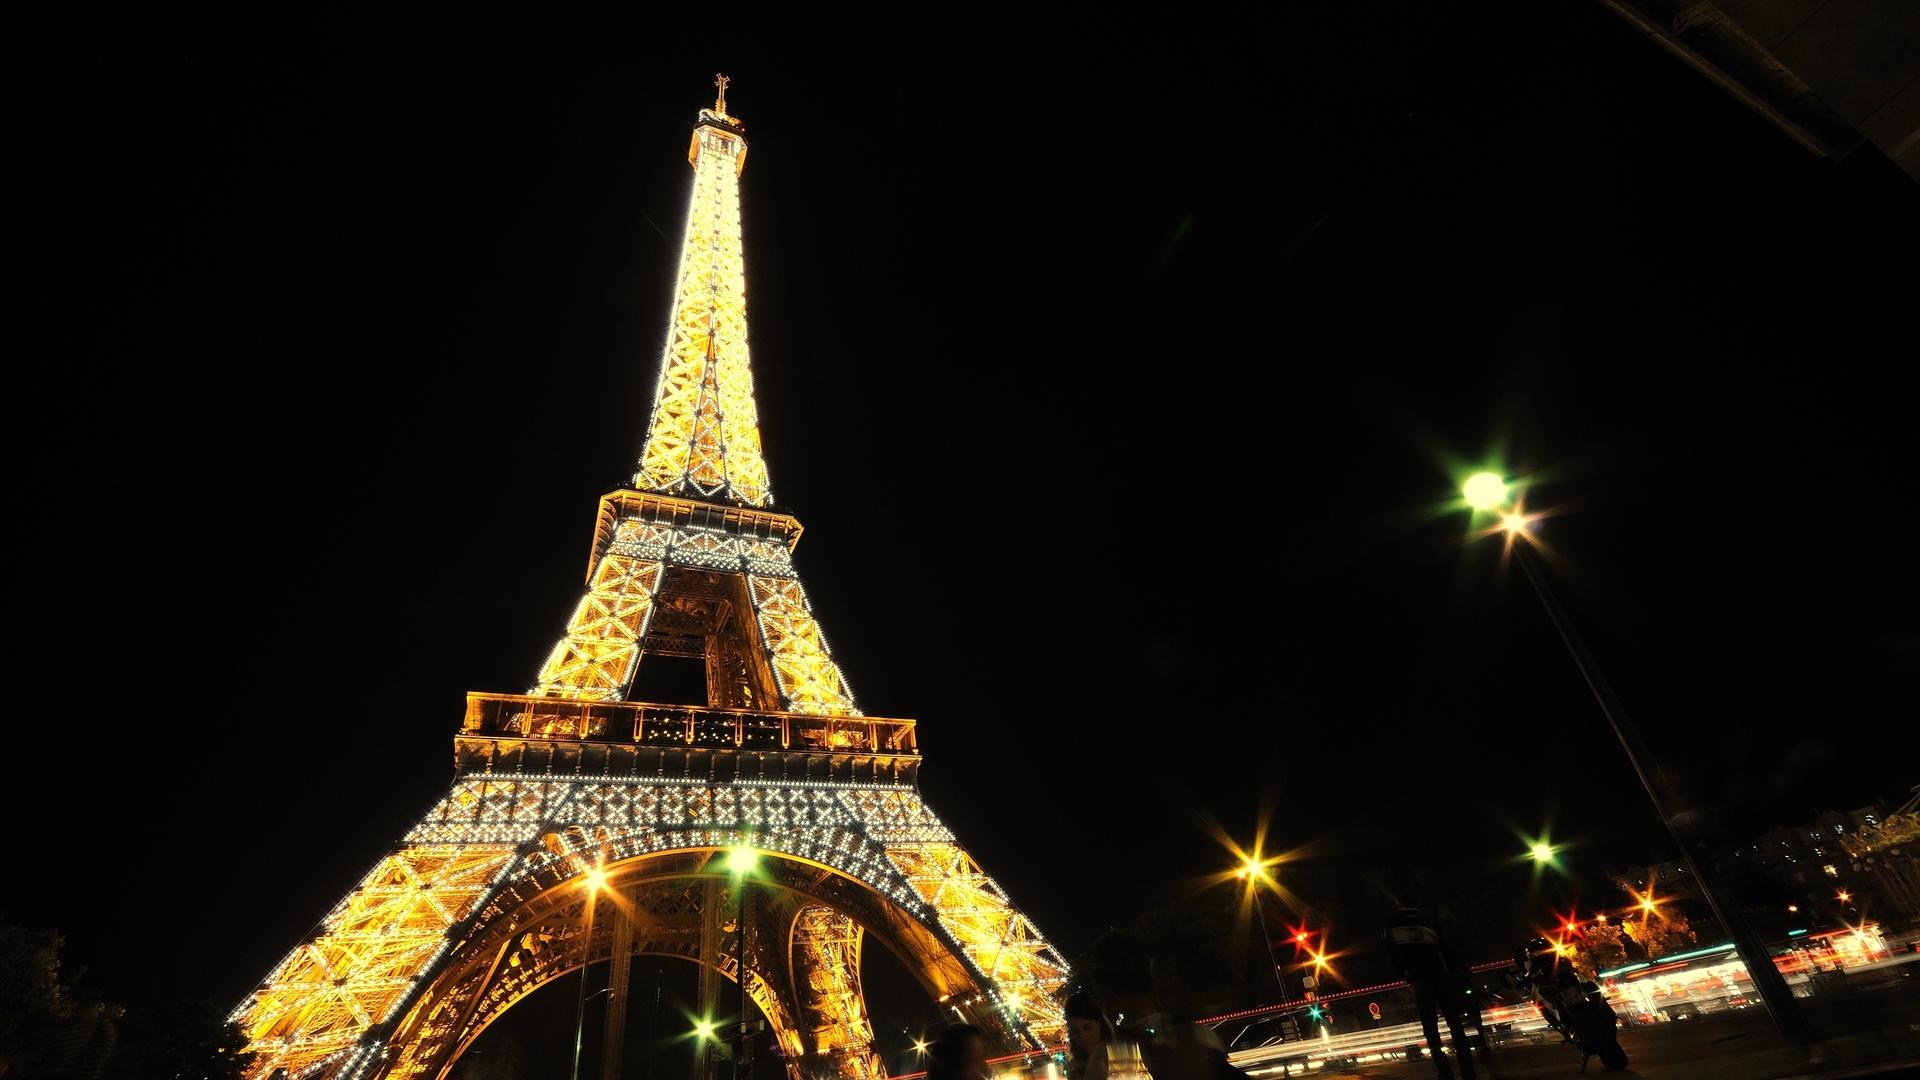 красивые картинки эйфелева башня ночью почему